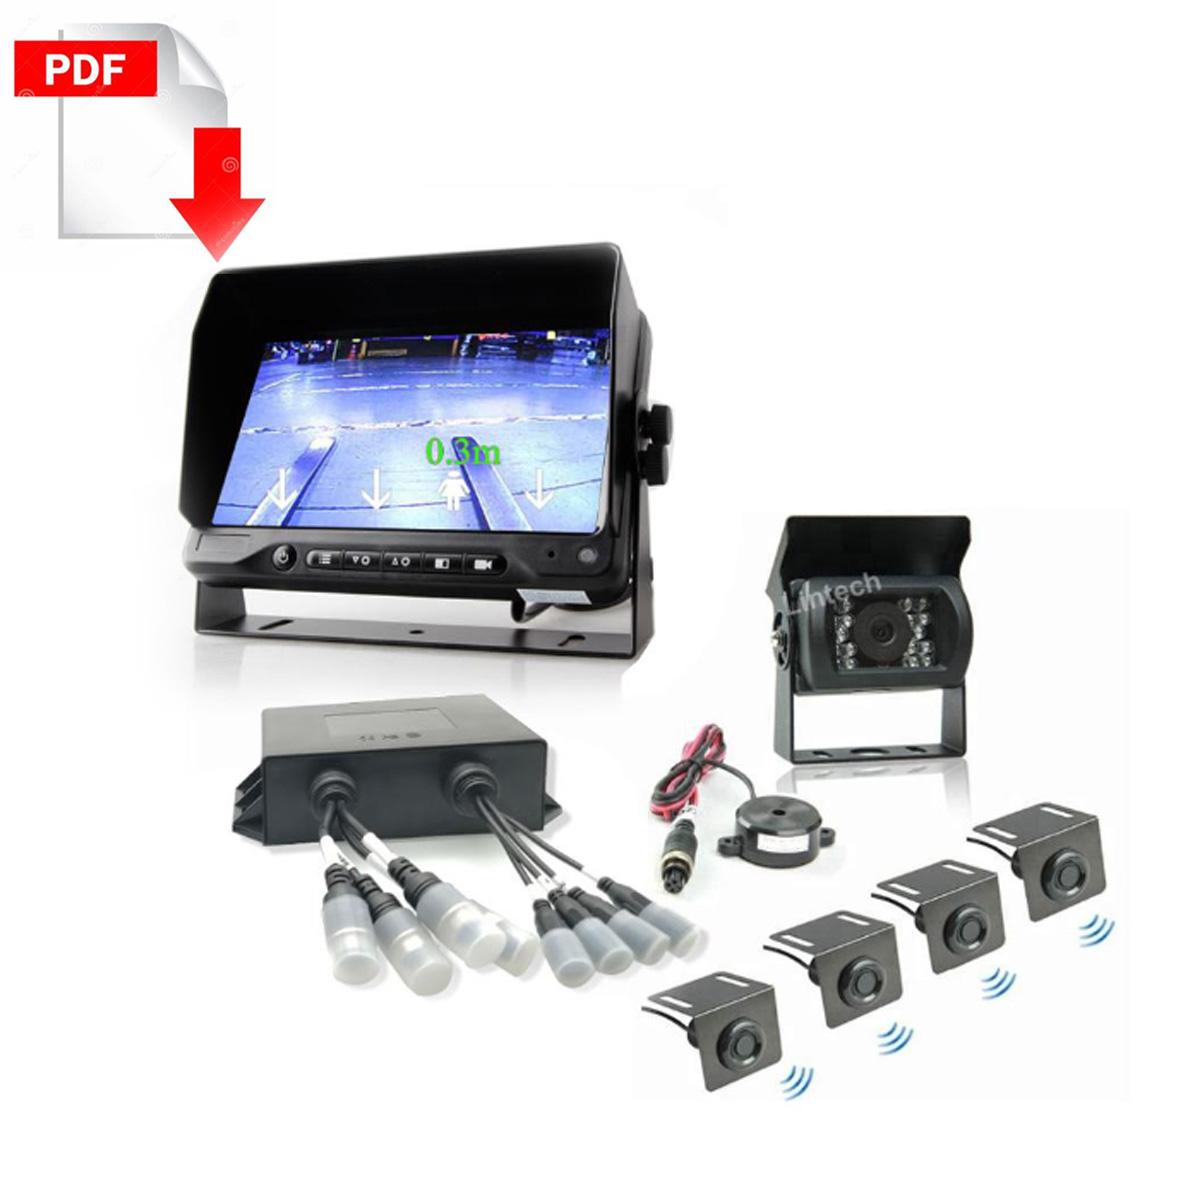 forklift-parking-sensor Camera System